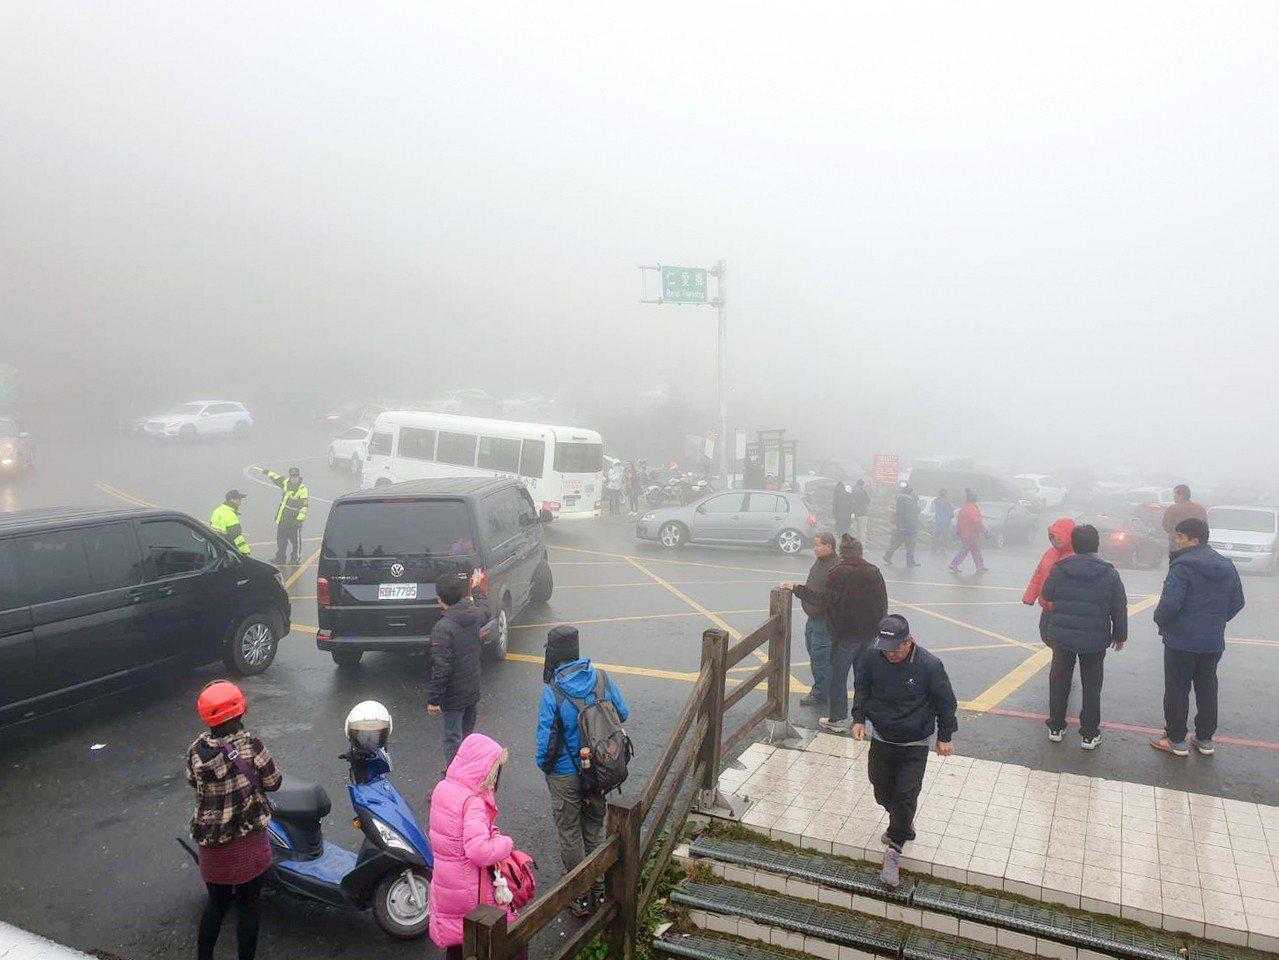 目前超過300車輛停駐合歡山頭,等待瑞雪降臨,也準備迎接明天清晨日出雲海美景。圖...